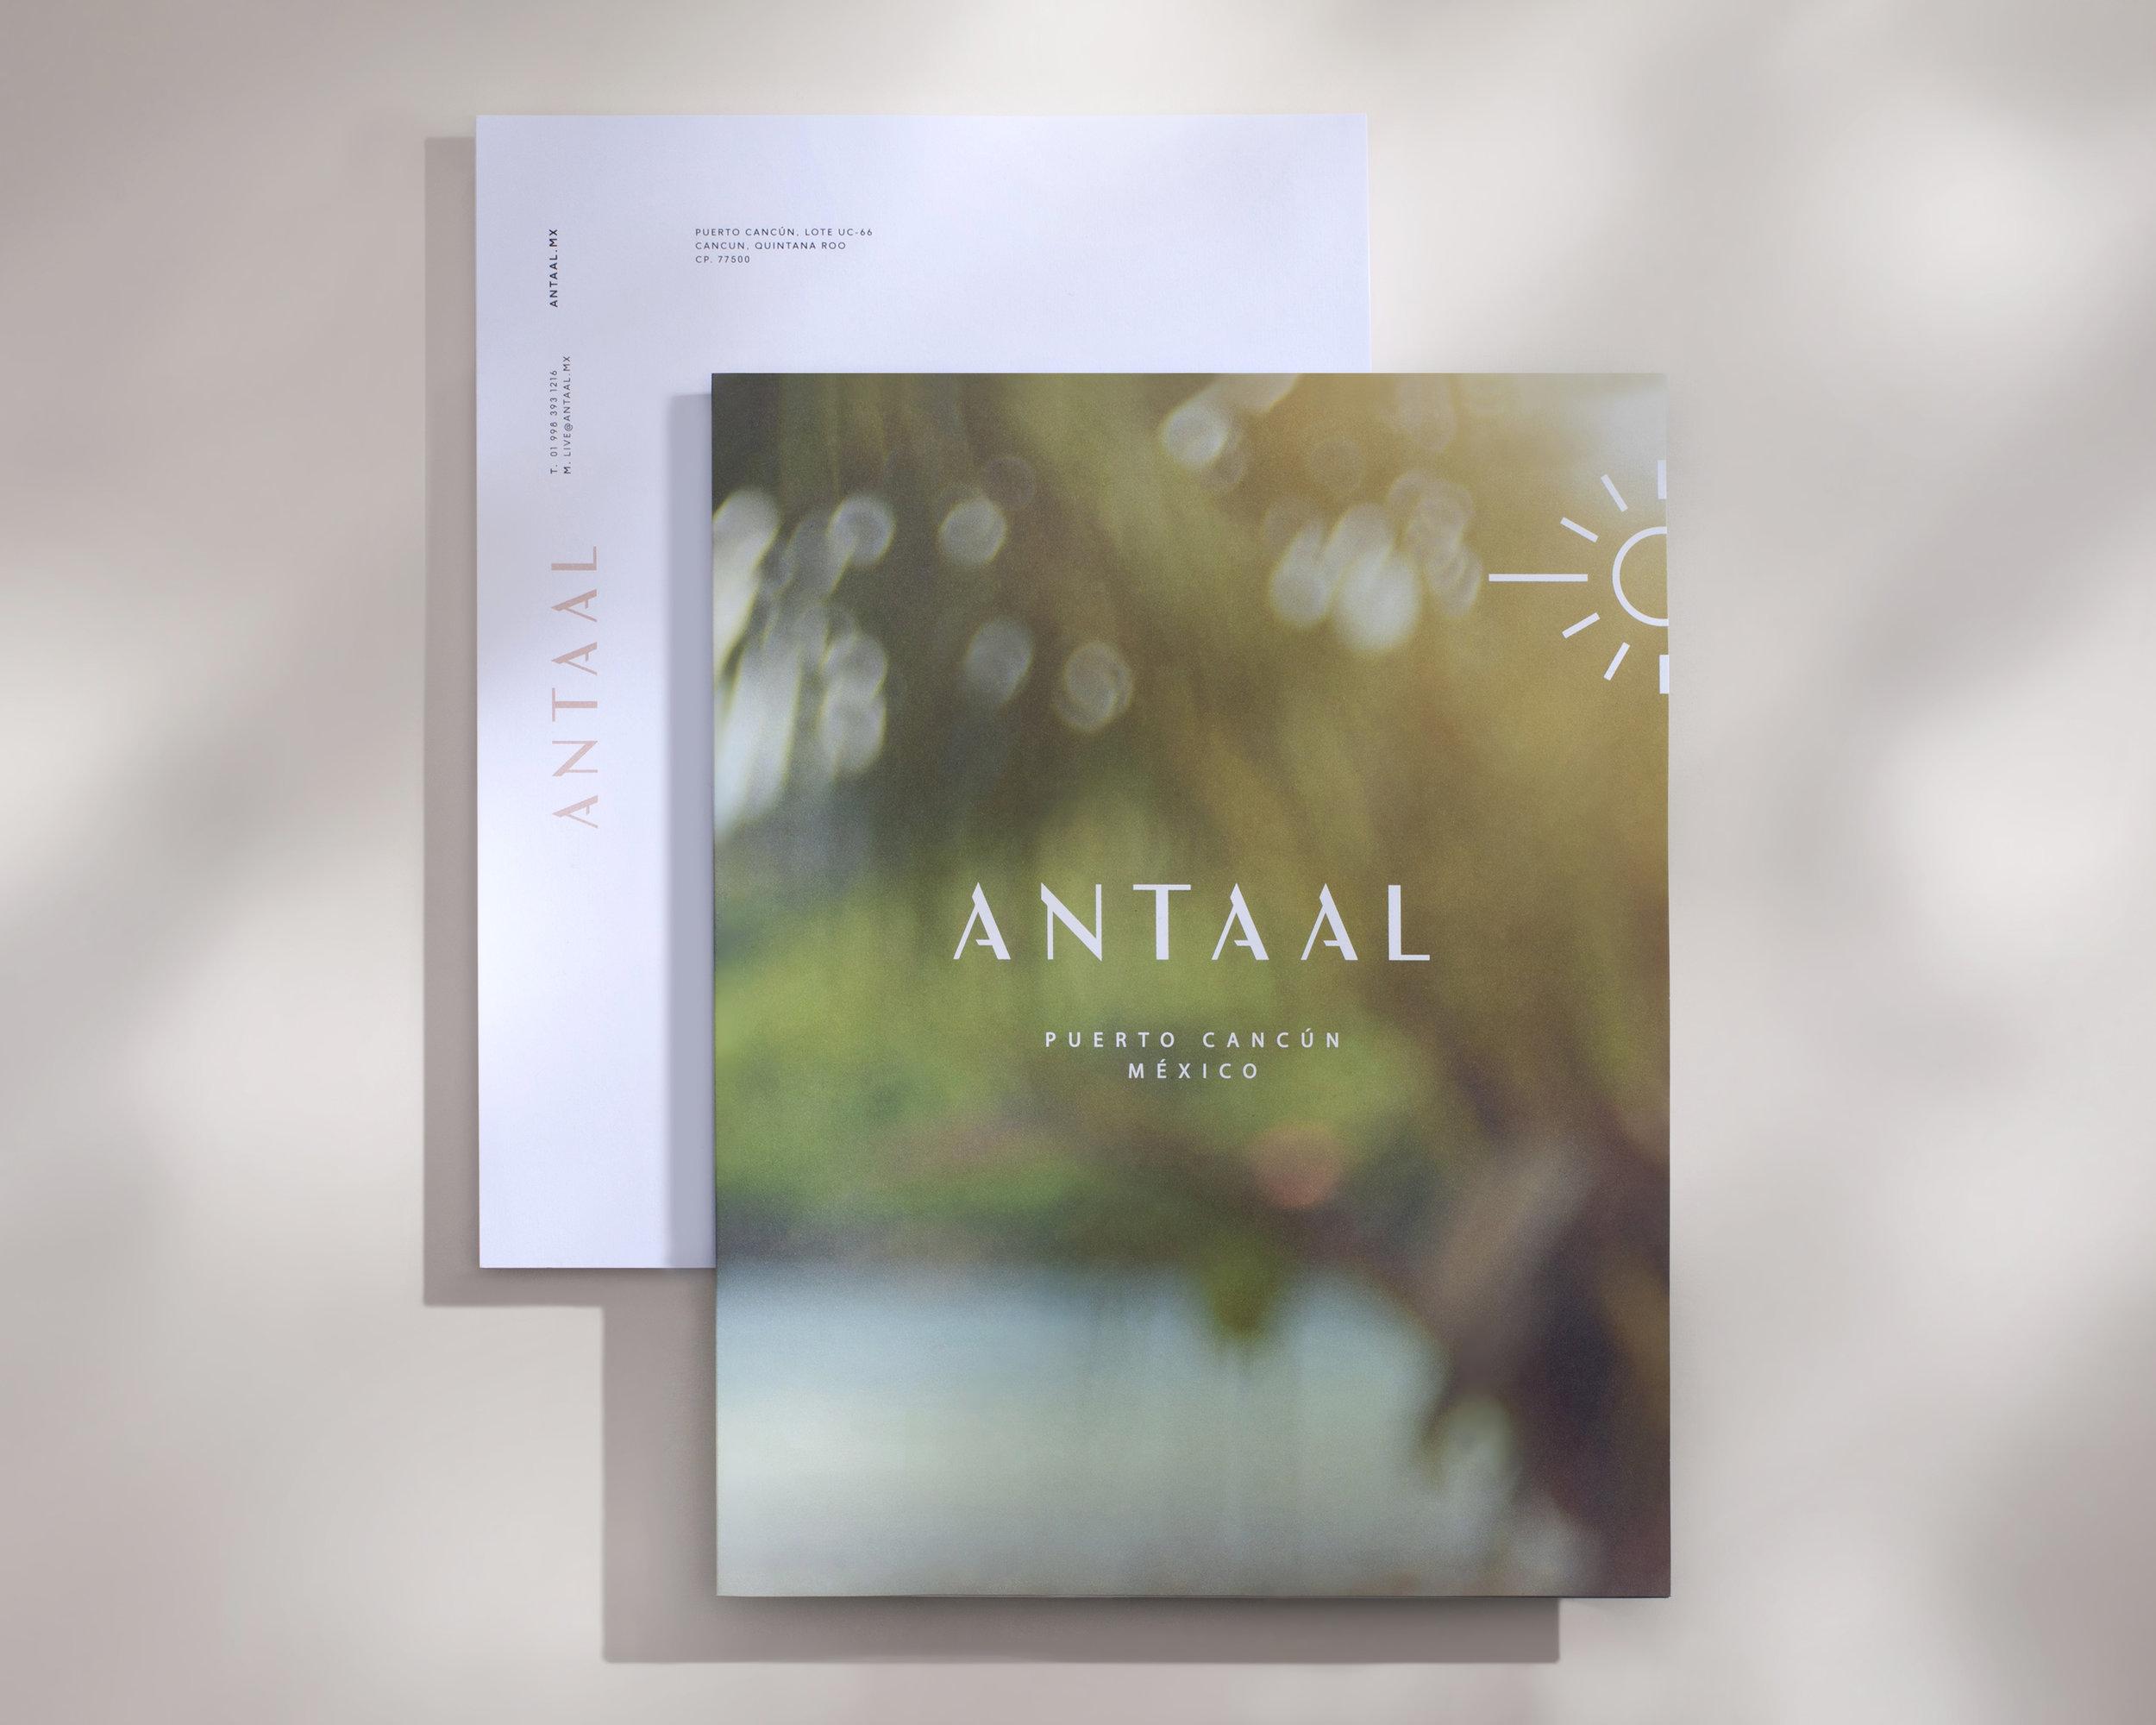 LAT_Antaal_PaperFolder.jpg